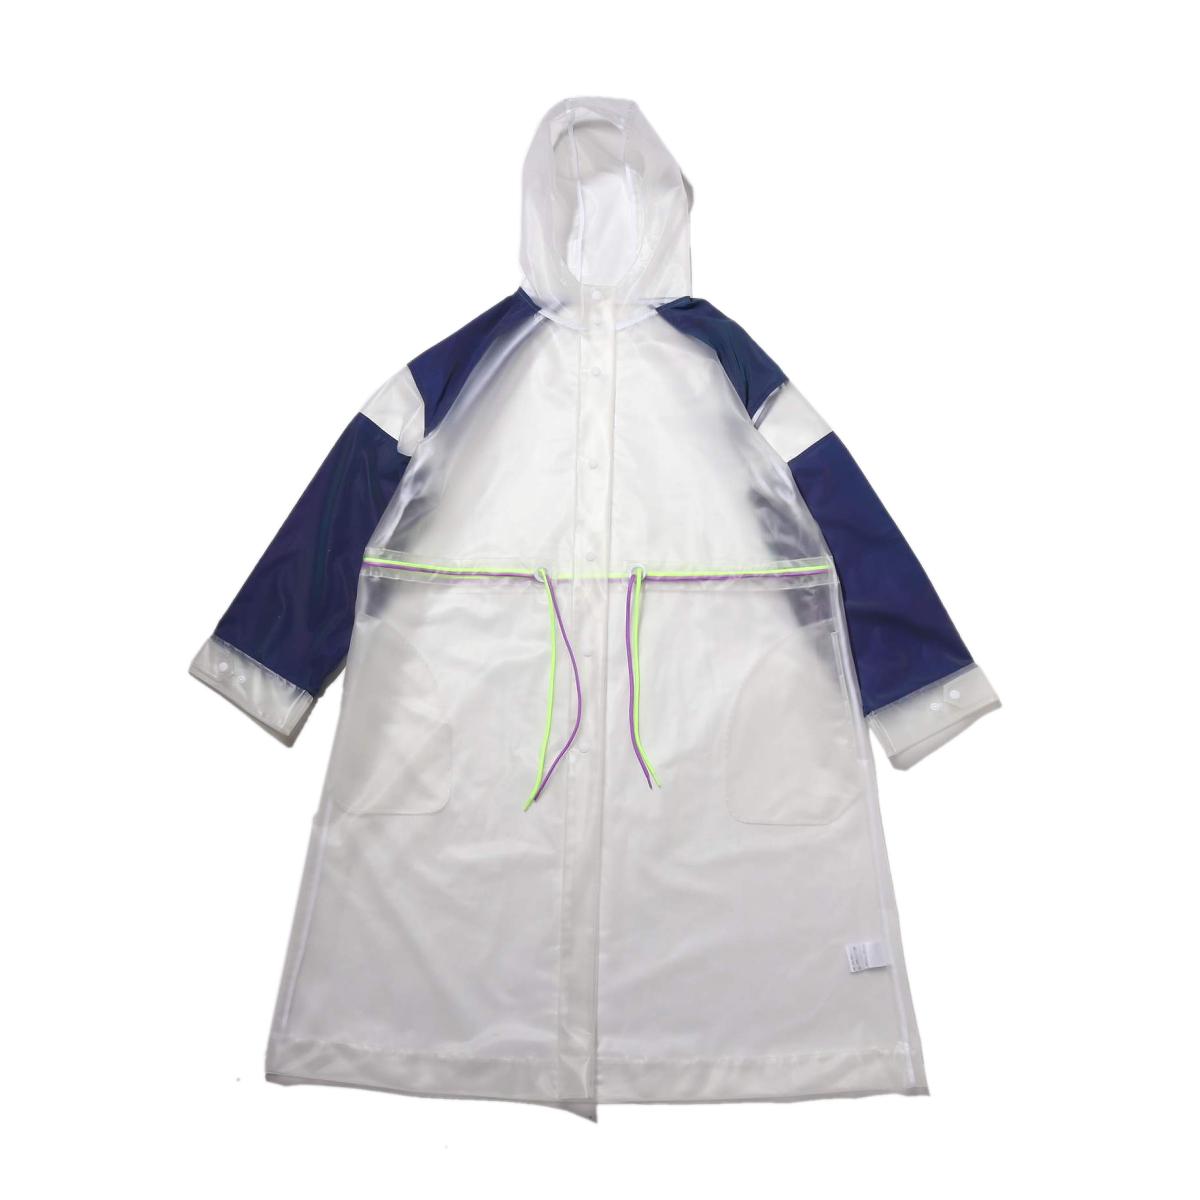 atmos pink リフレクターロングジャケット(アトモスピンク リフレクターロングジャケット)CLEAR【レディース ジャケット】20SP-I